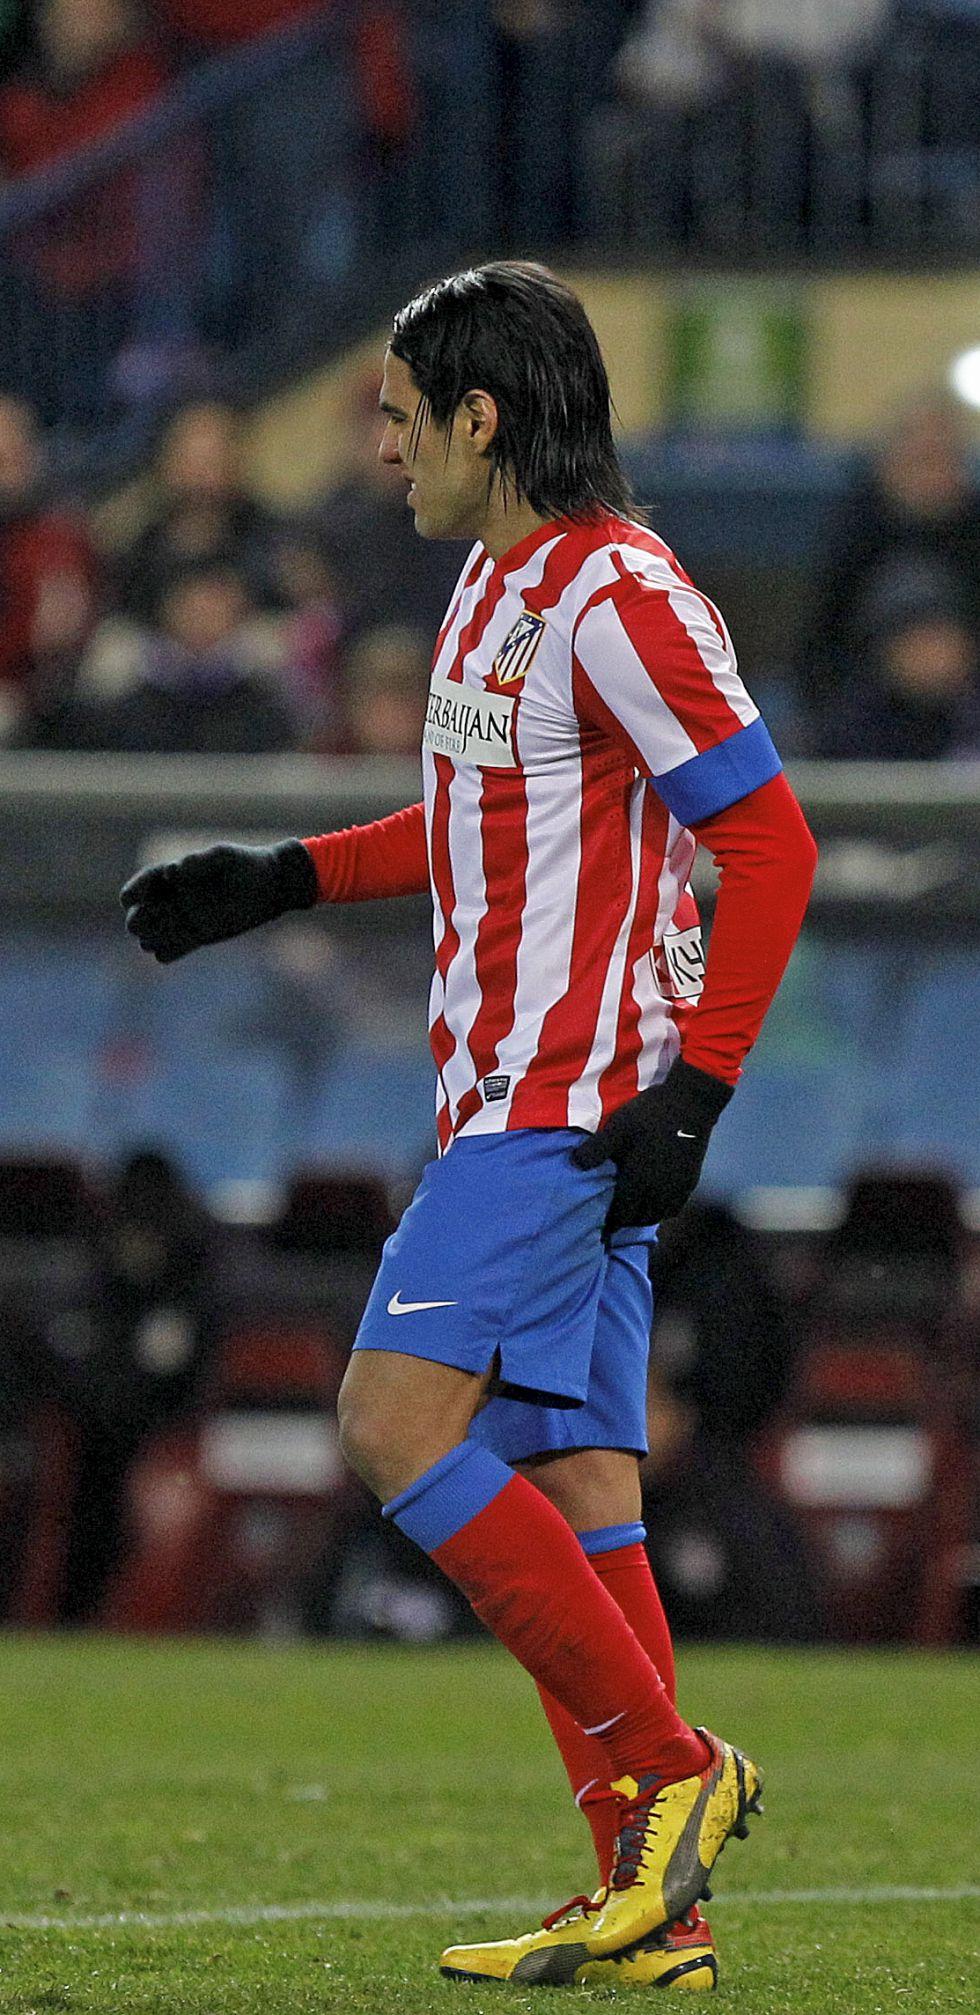 El Atlético de Madrid espera a Falcao en la semifinal de Copa